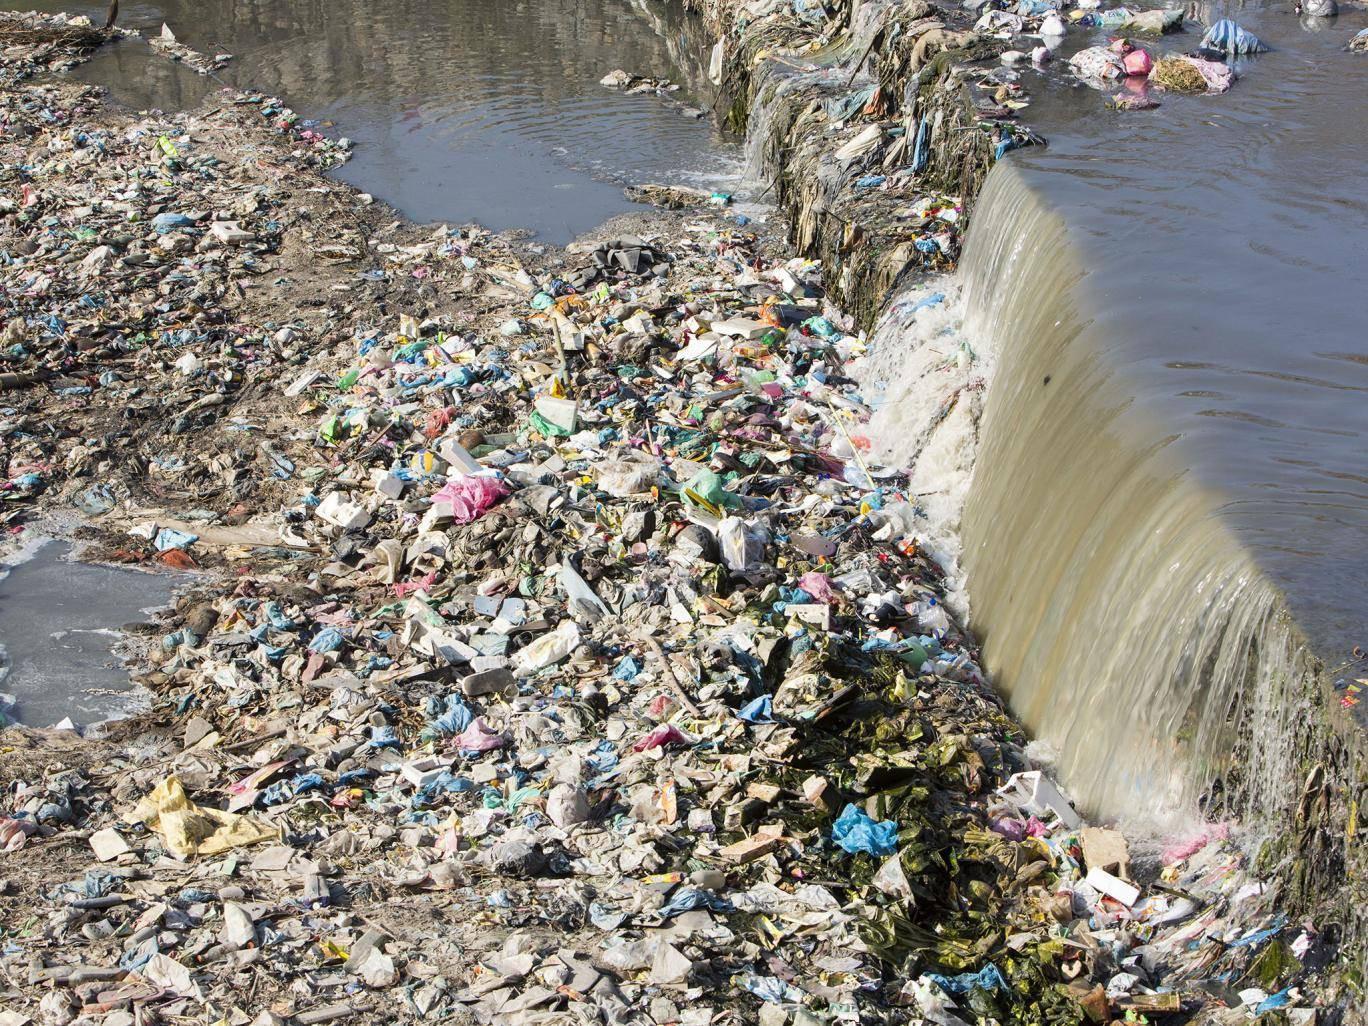 Rác thải nhựa - Hãy hành động ngay trước khi quá muộn (2/1/2019)